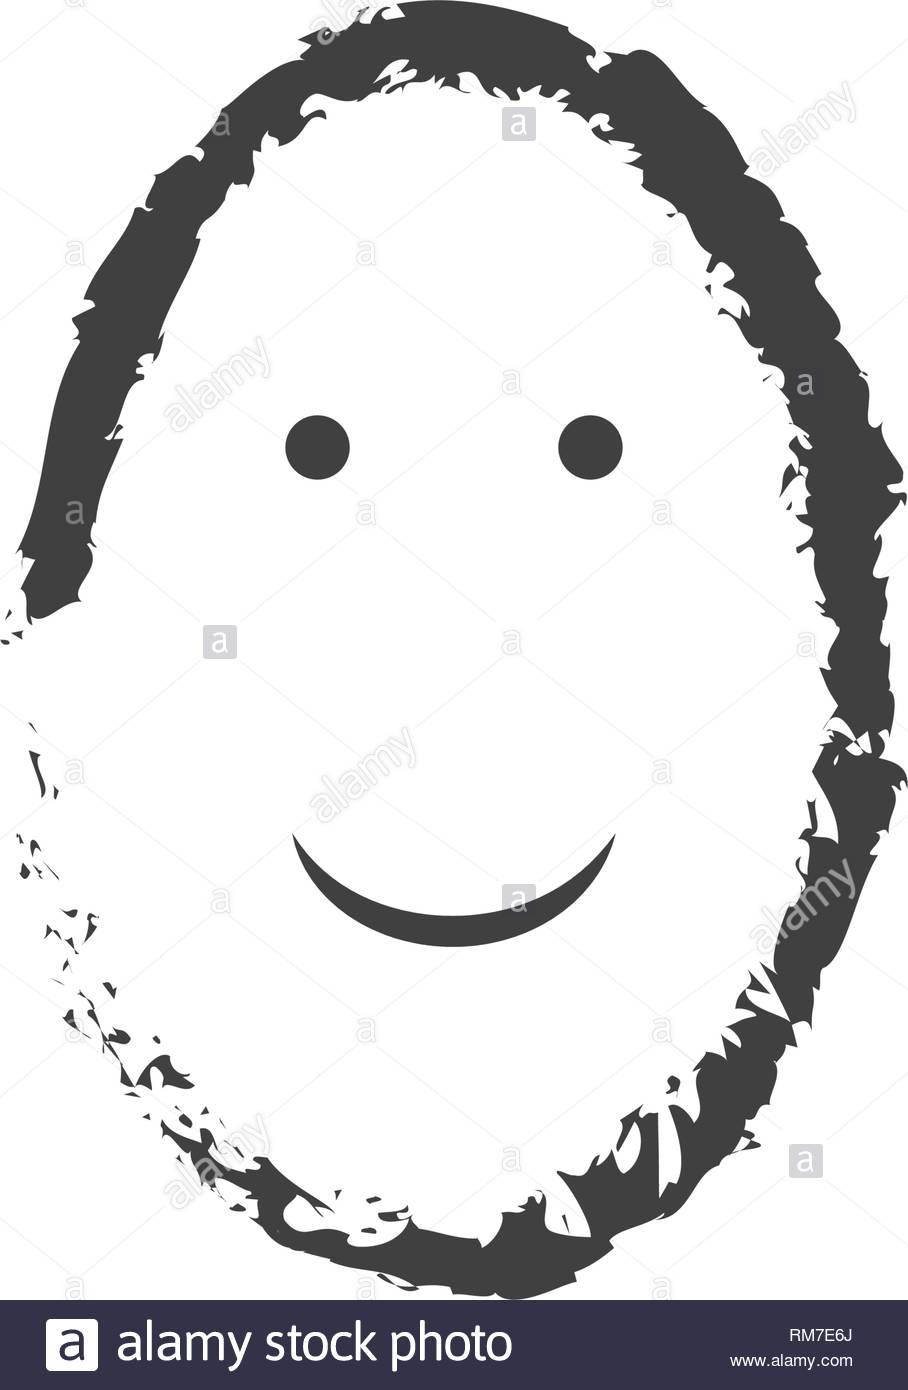 Dessin Vectoriel Simple Sourire De Visage En Forme D'oeufs intérieur Dessin D Oeuf